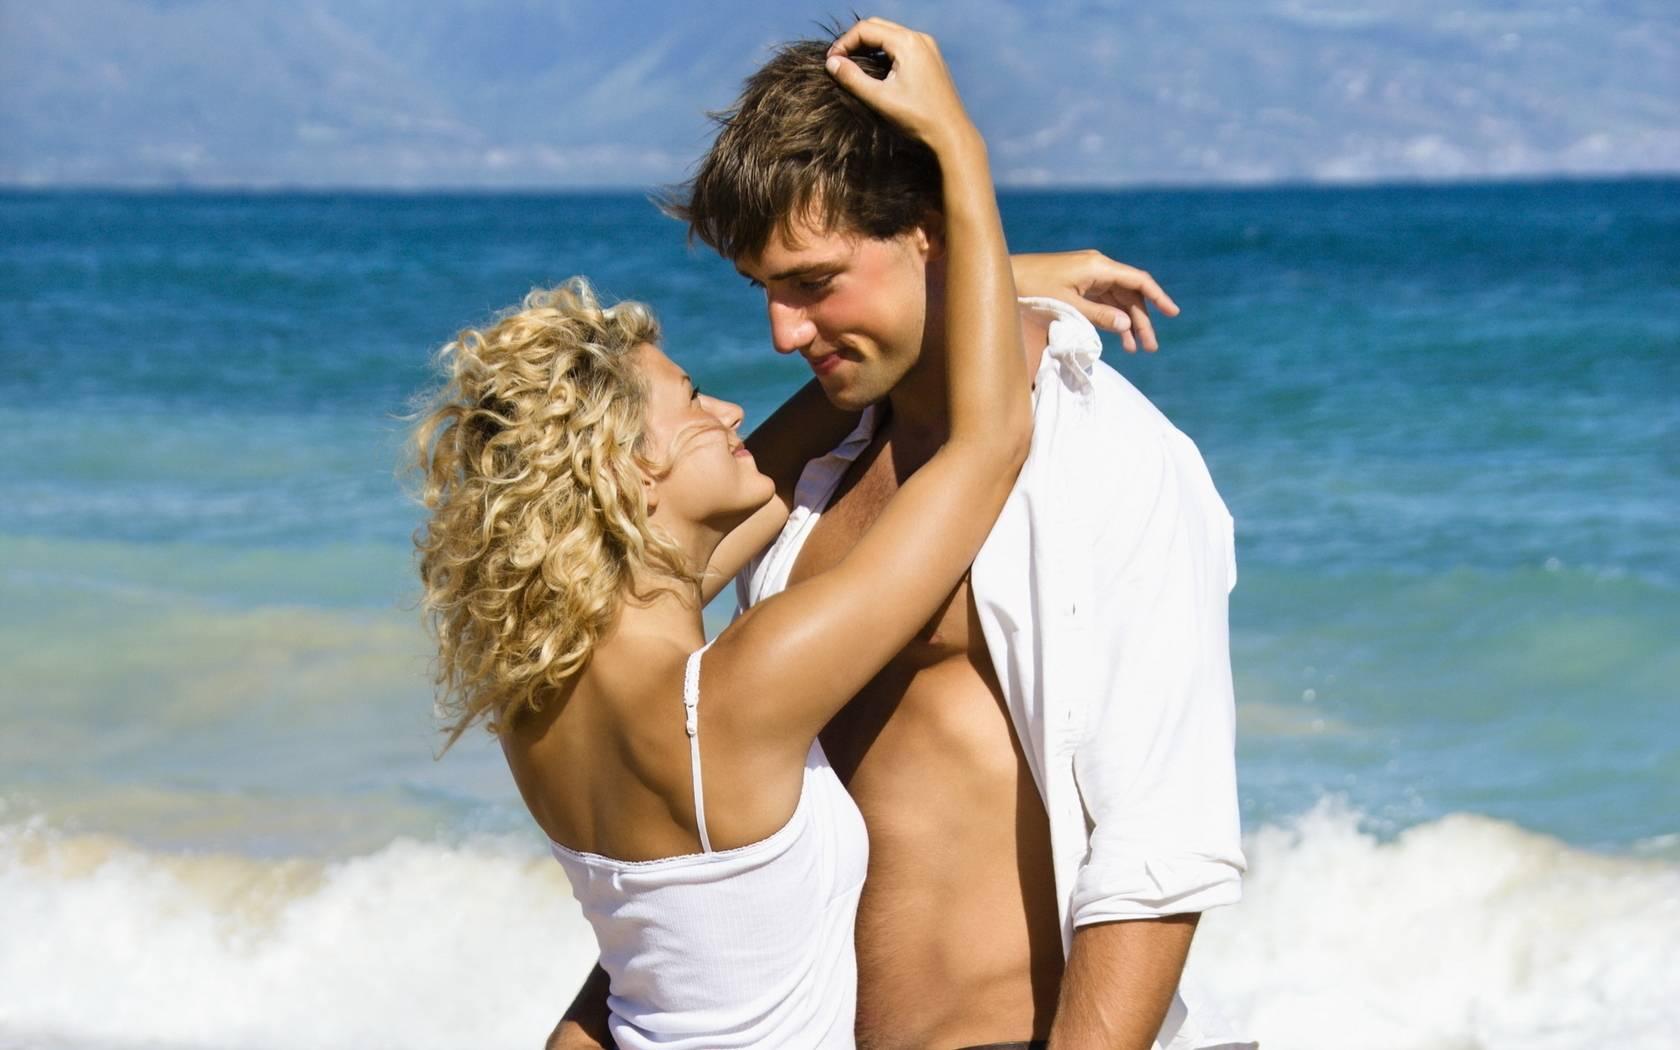 скрытые фото на нудистских пляжах